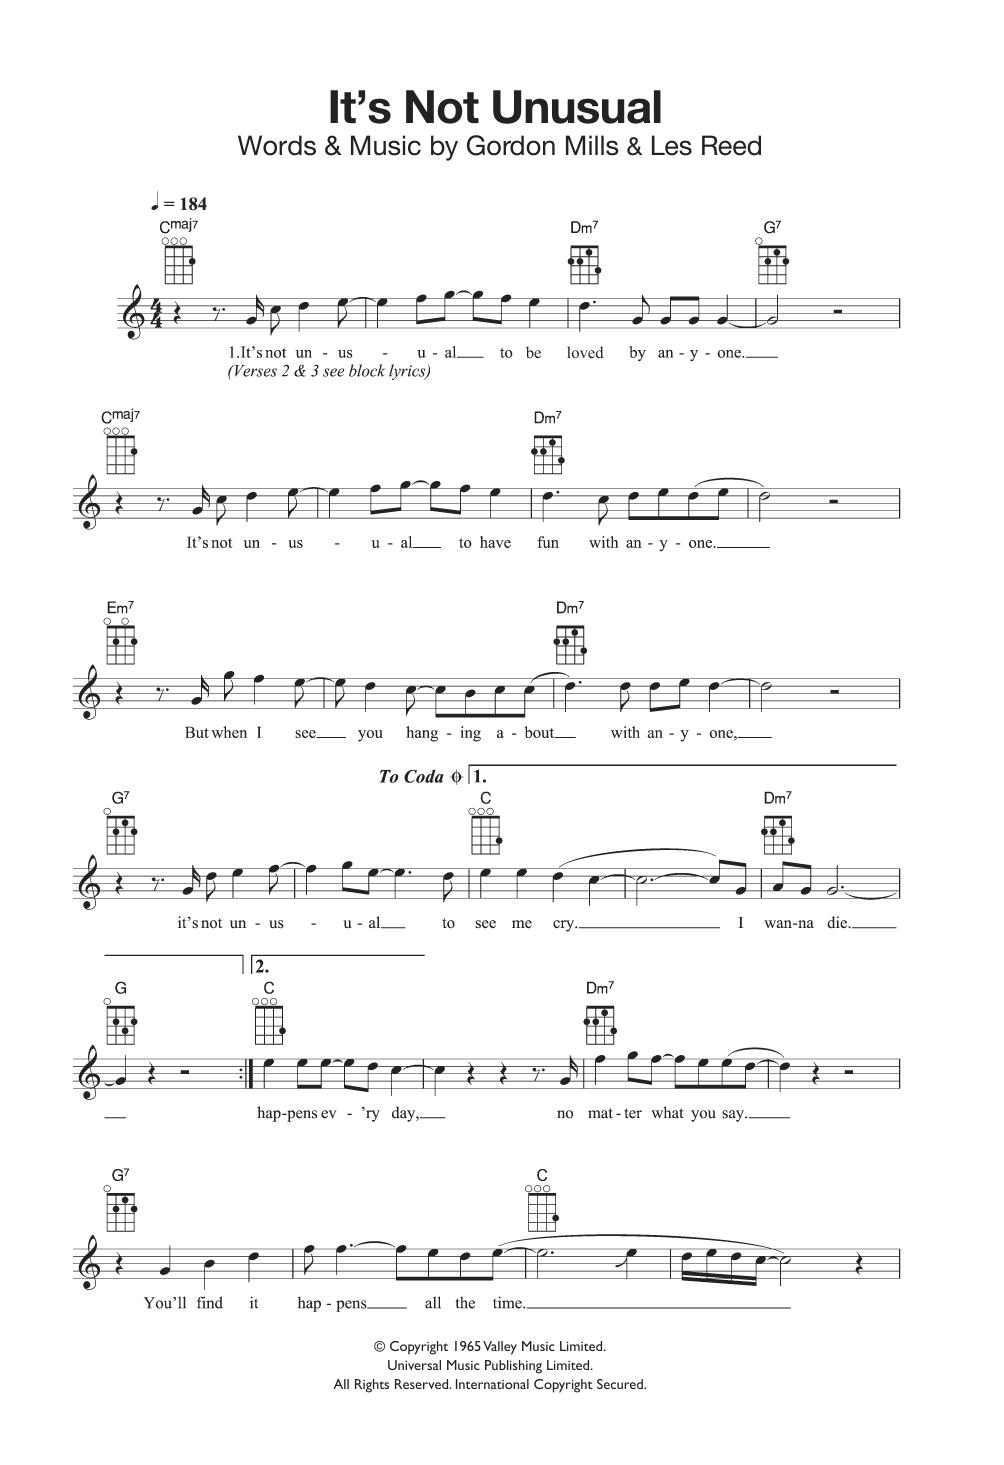 It's Not Unusual Sheet Music